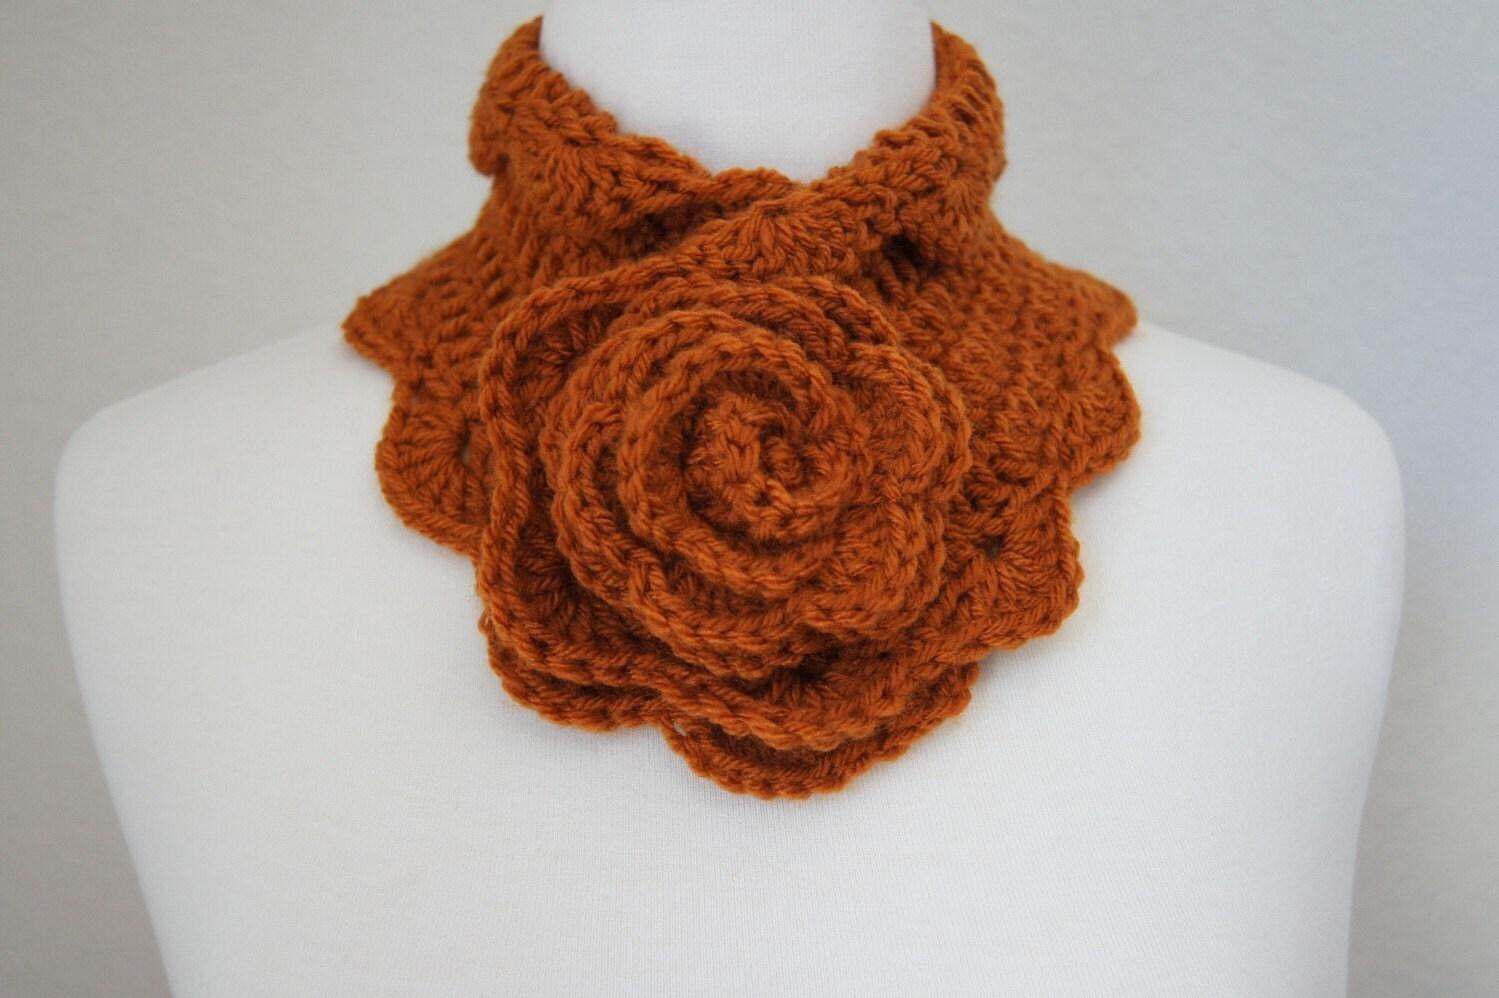 Rosette Neckwarmer - Pumpkin Spice